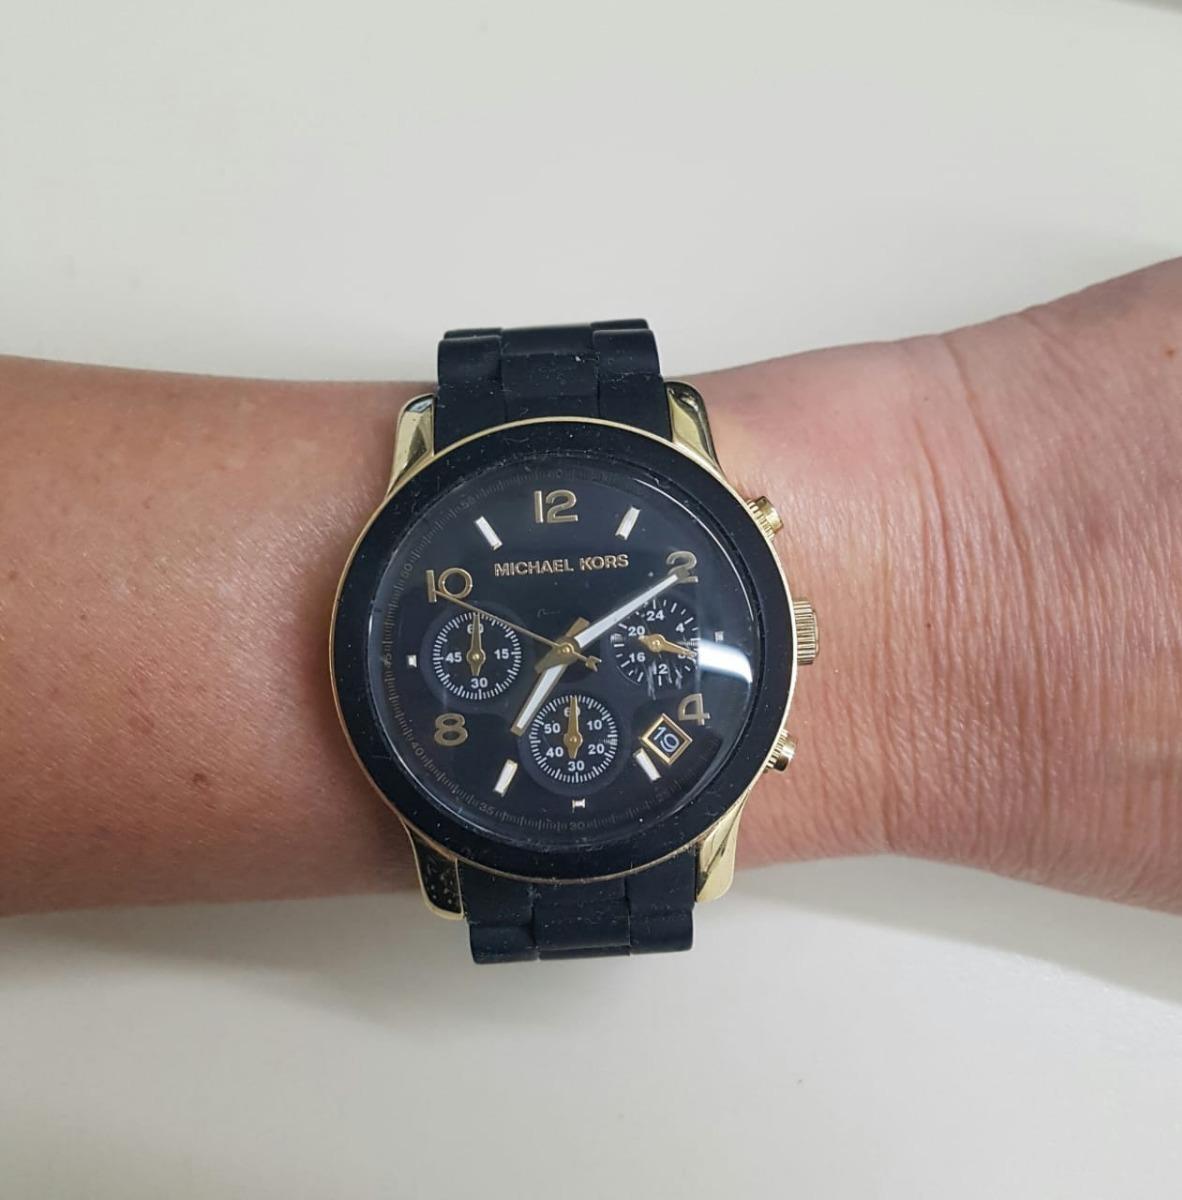 645f01ed4c6 relógio michael kors mk5191 original preto dourado. Carregando zoom.